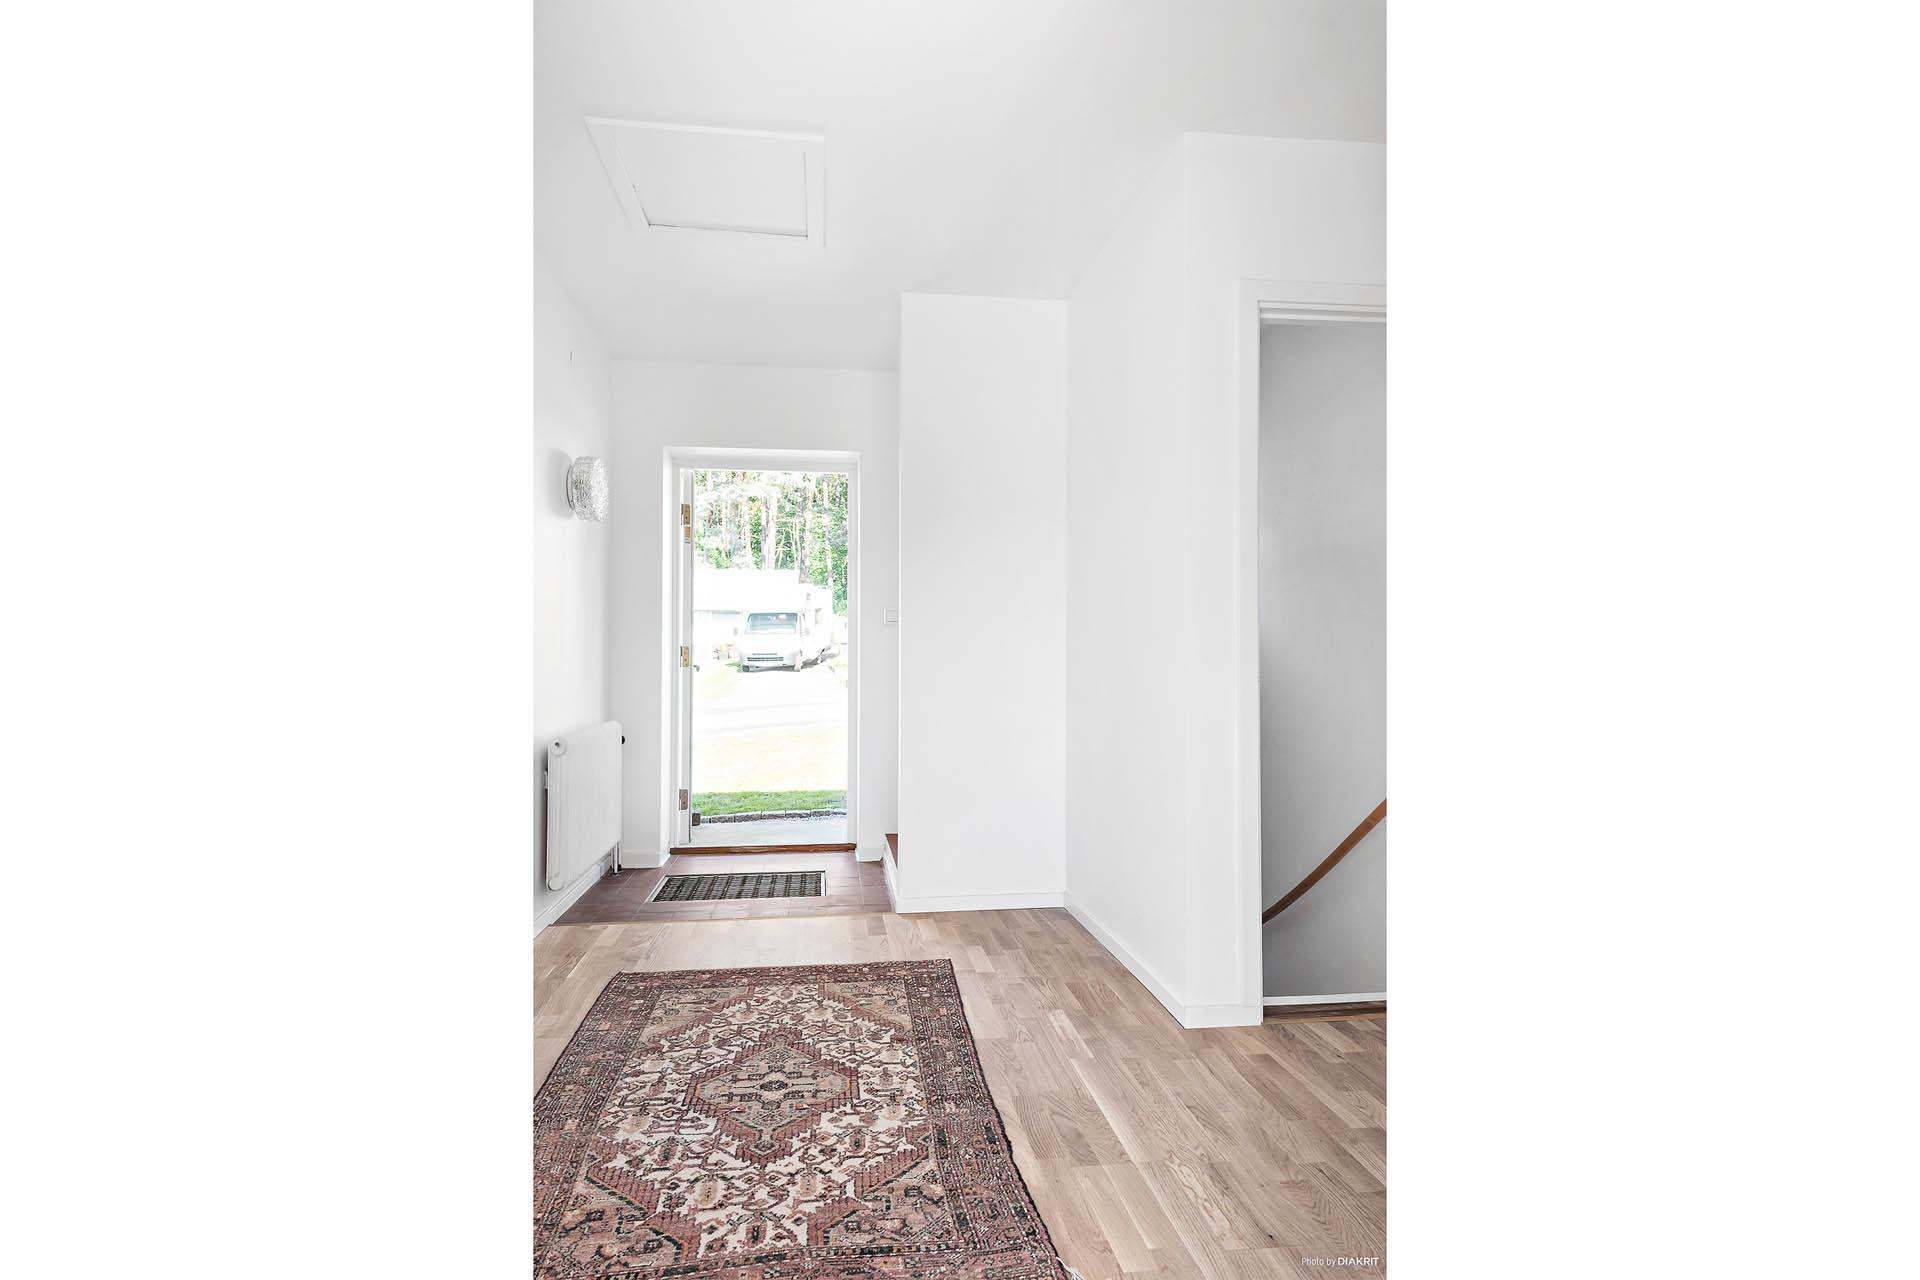 Ett klassiskt 60-talshus. Uppdaterat och moderniserat för att passa den moderna familjen. Ljust och fräscht med genomgående materialval.